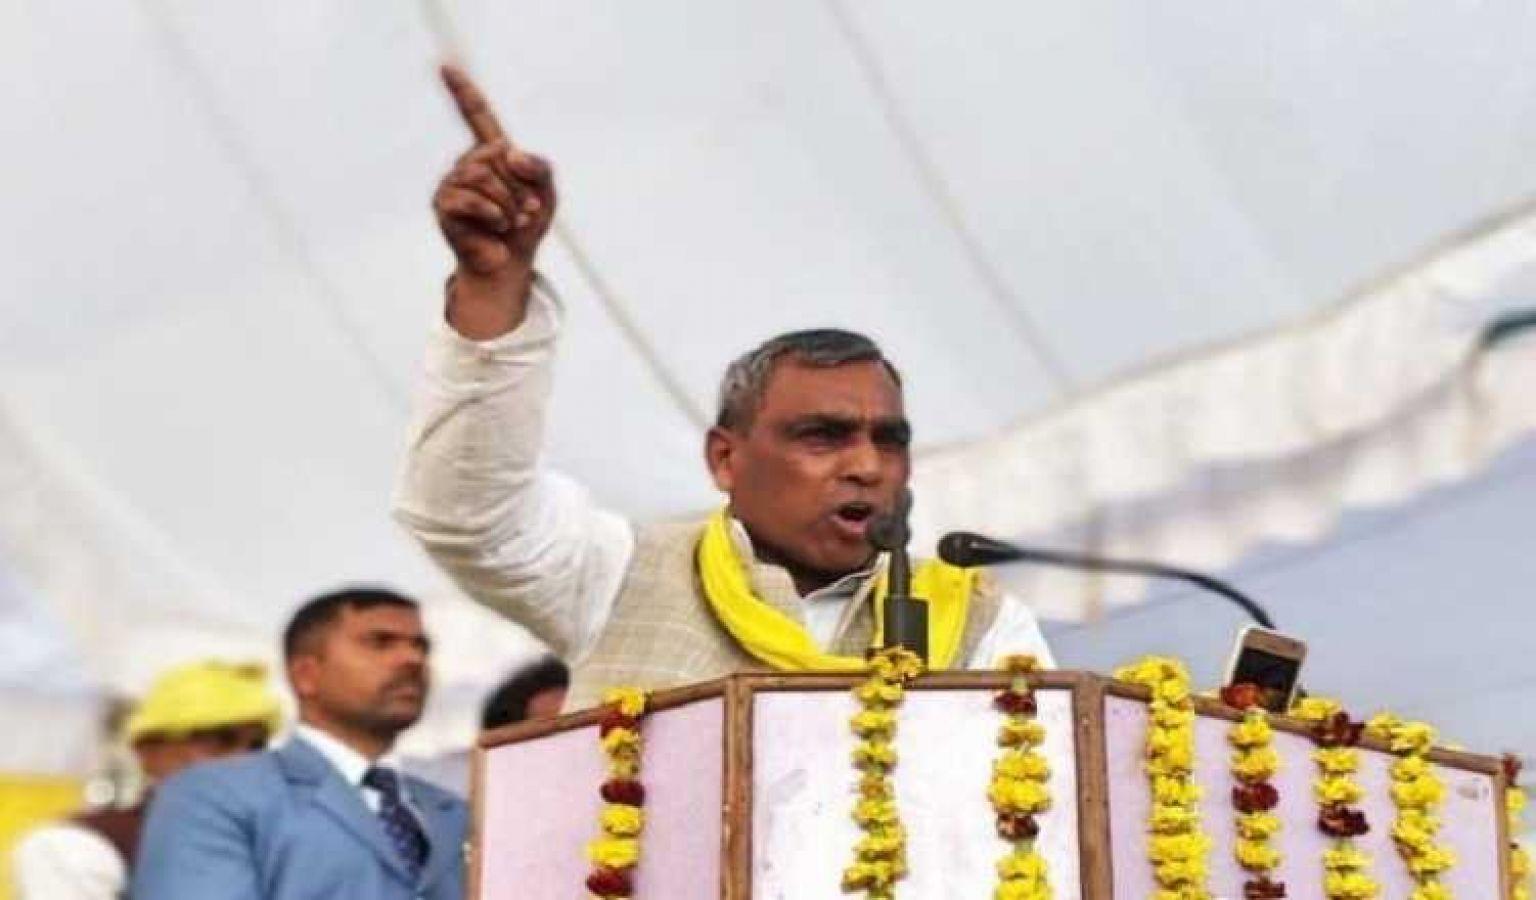 लोकसभा चुनाव 2019 : ओम प्रकाश राजभर की पार्टी सुभासपा ने घोषित किये 39 प्रत्याशी